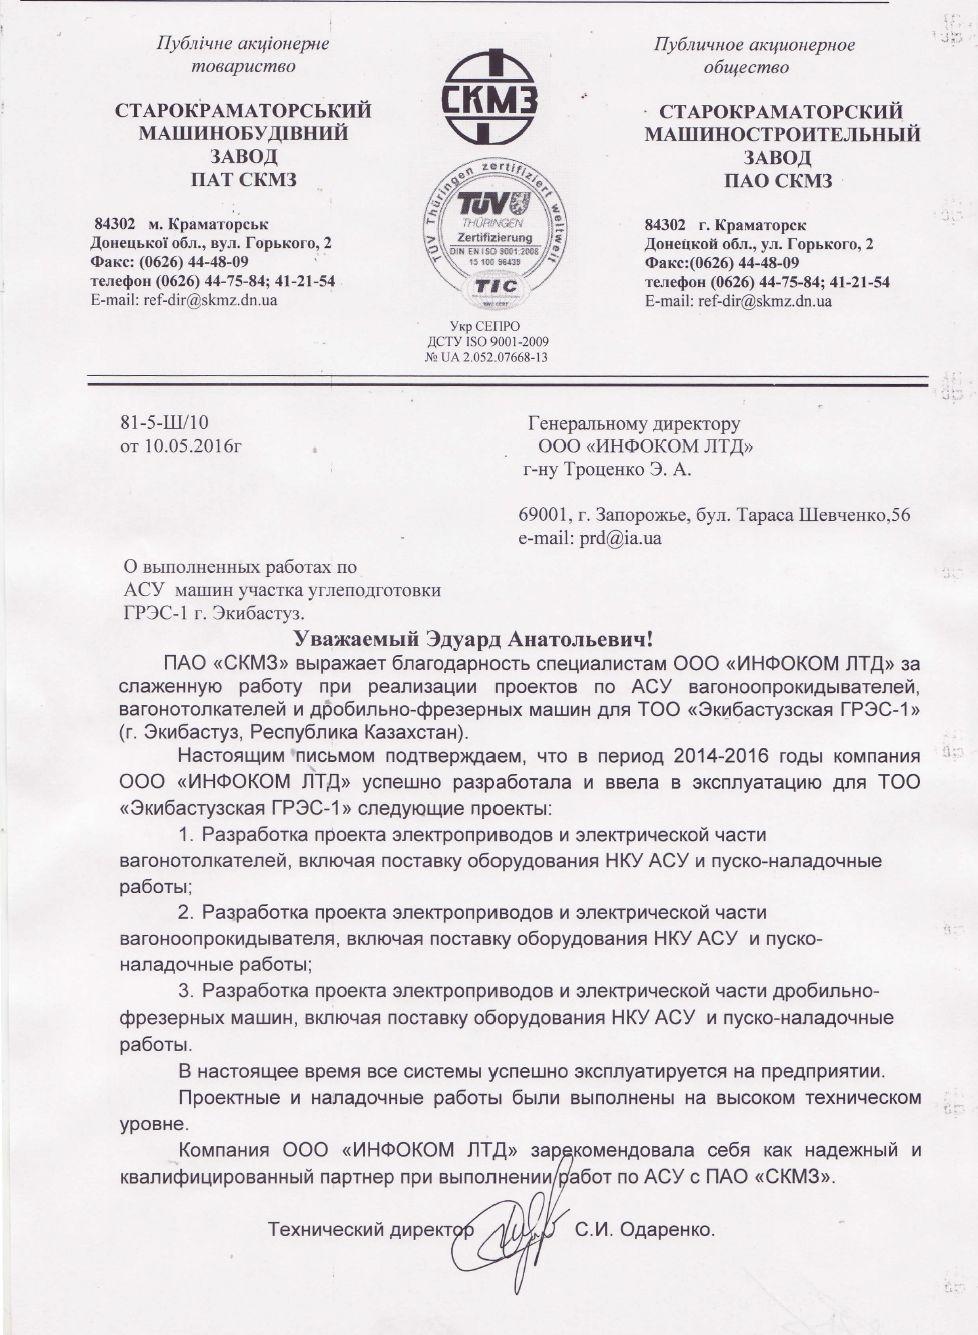 СКМЗ - АСУ вагоноопрокидывателей - отзыв